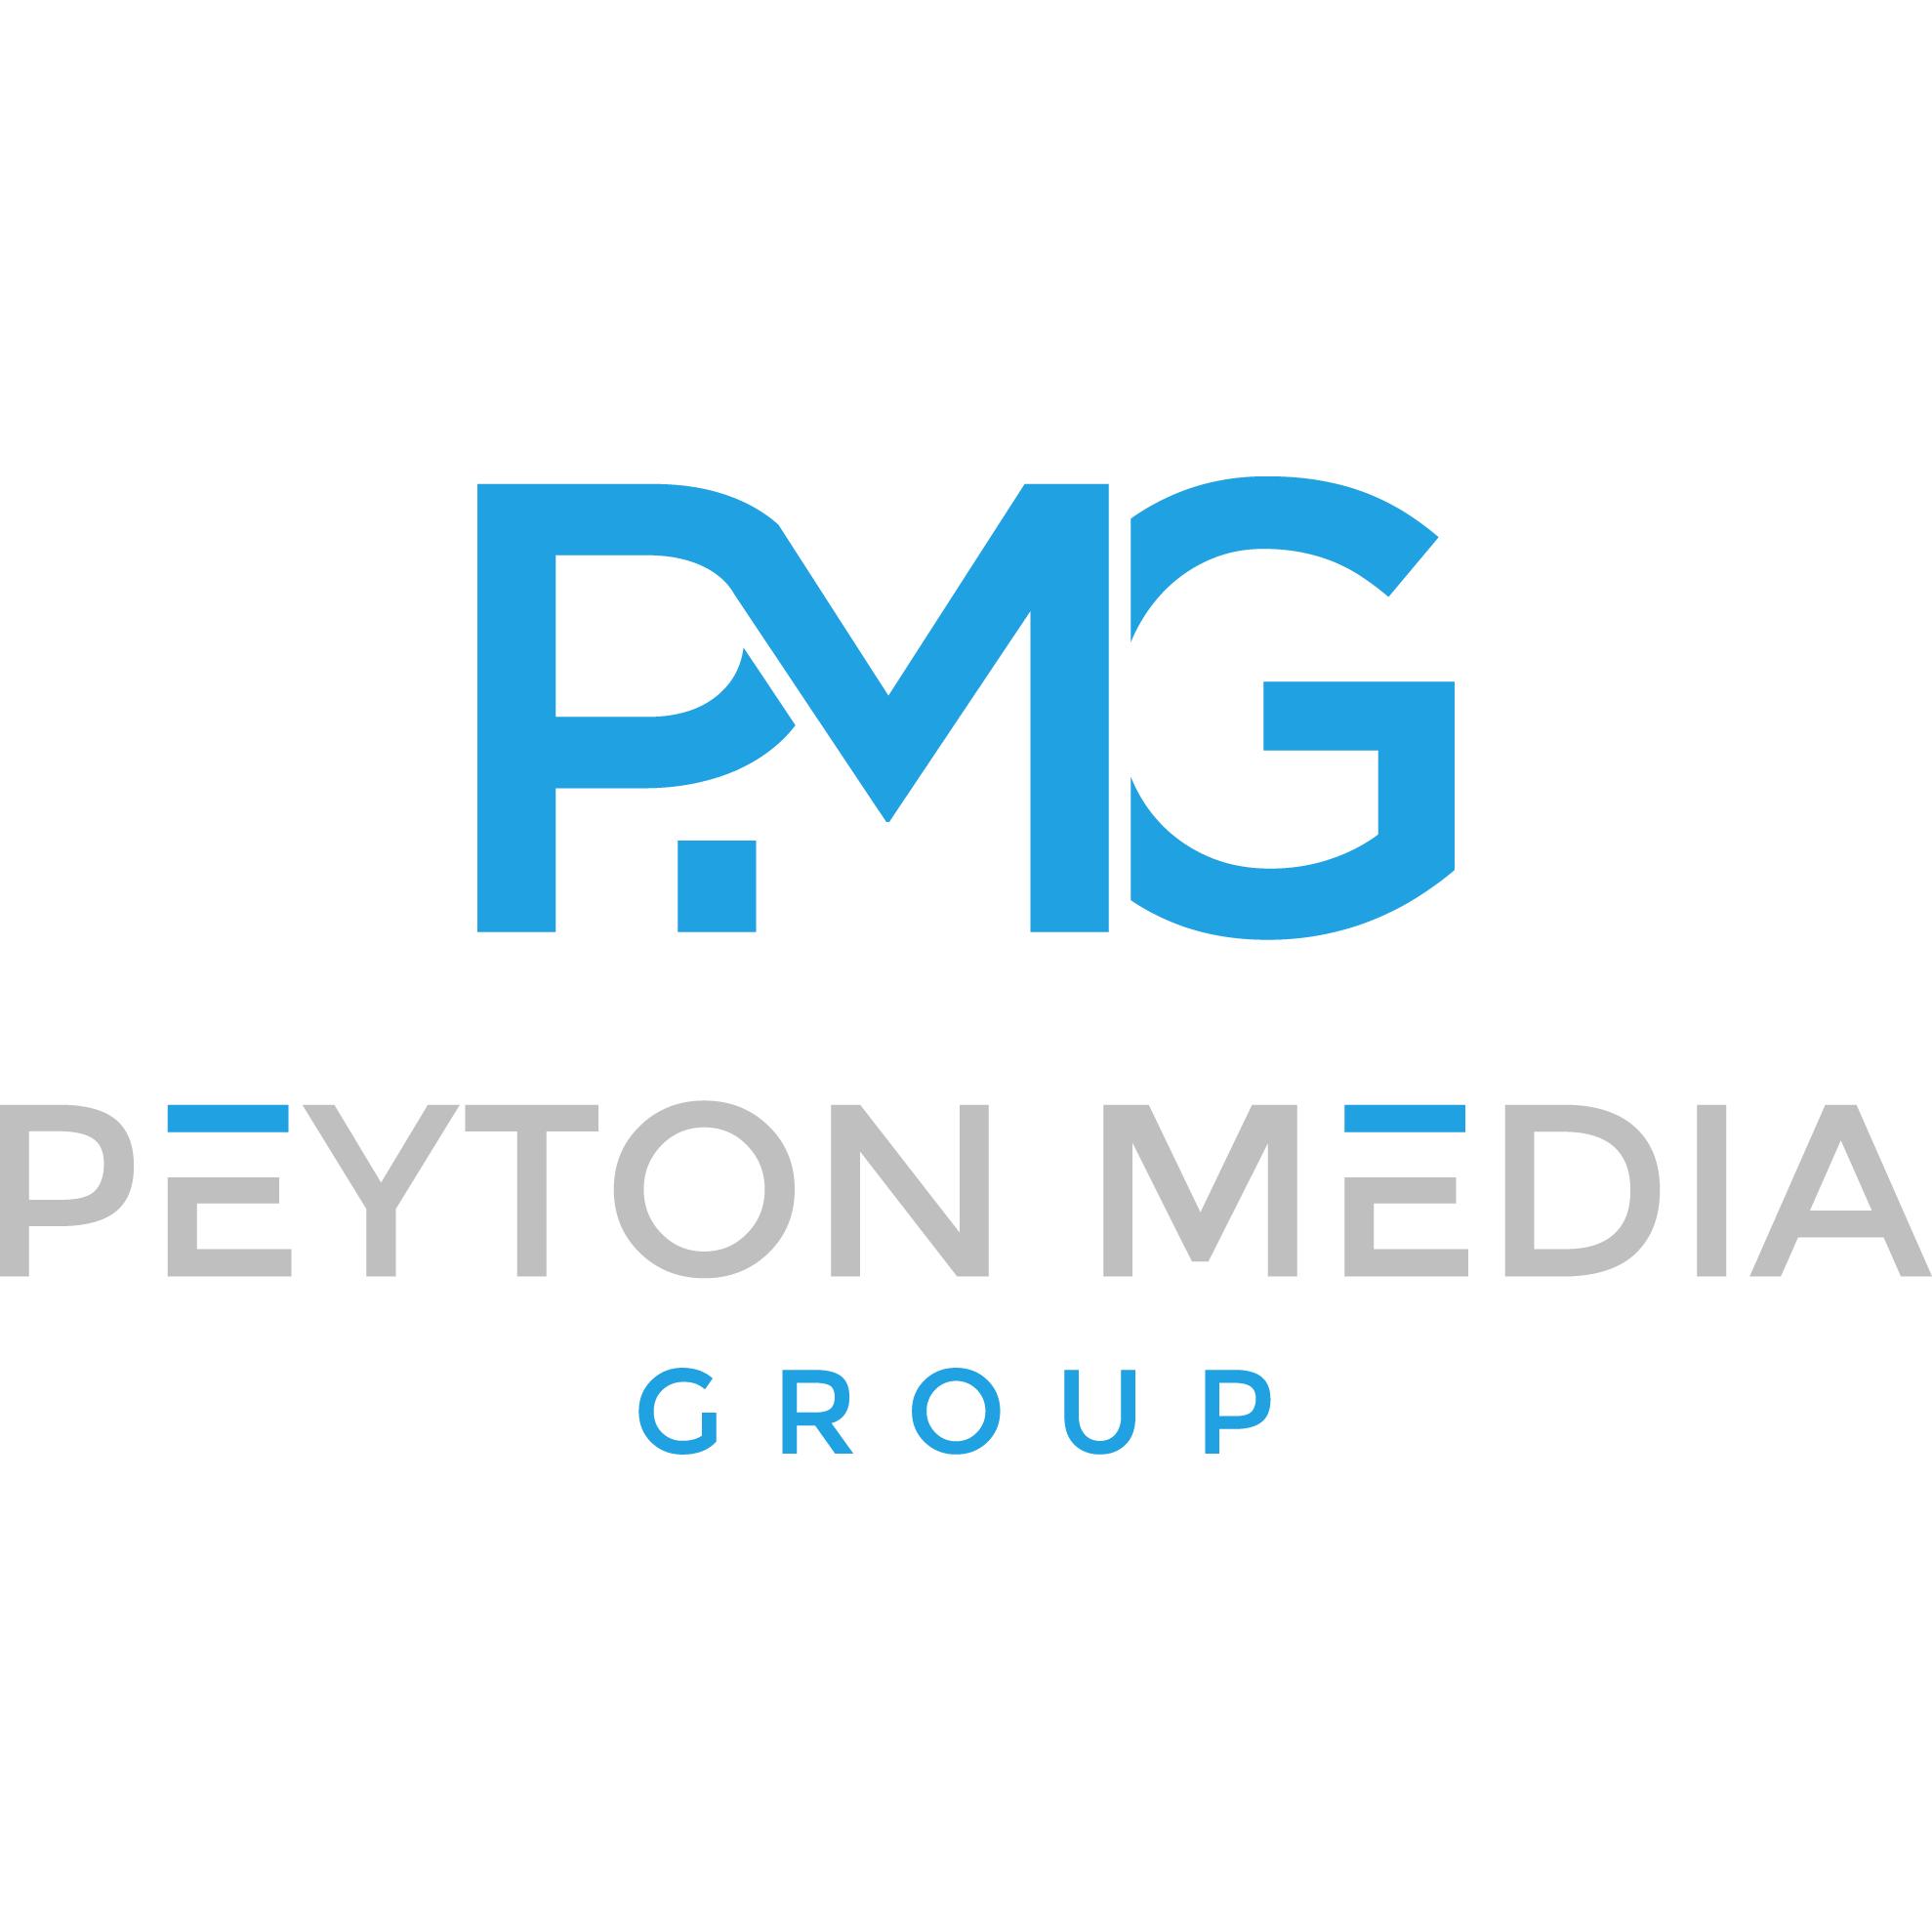 Peyton Media Group image 1